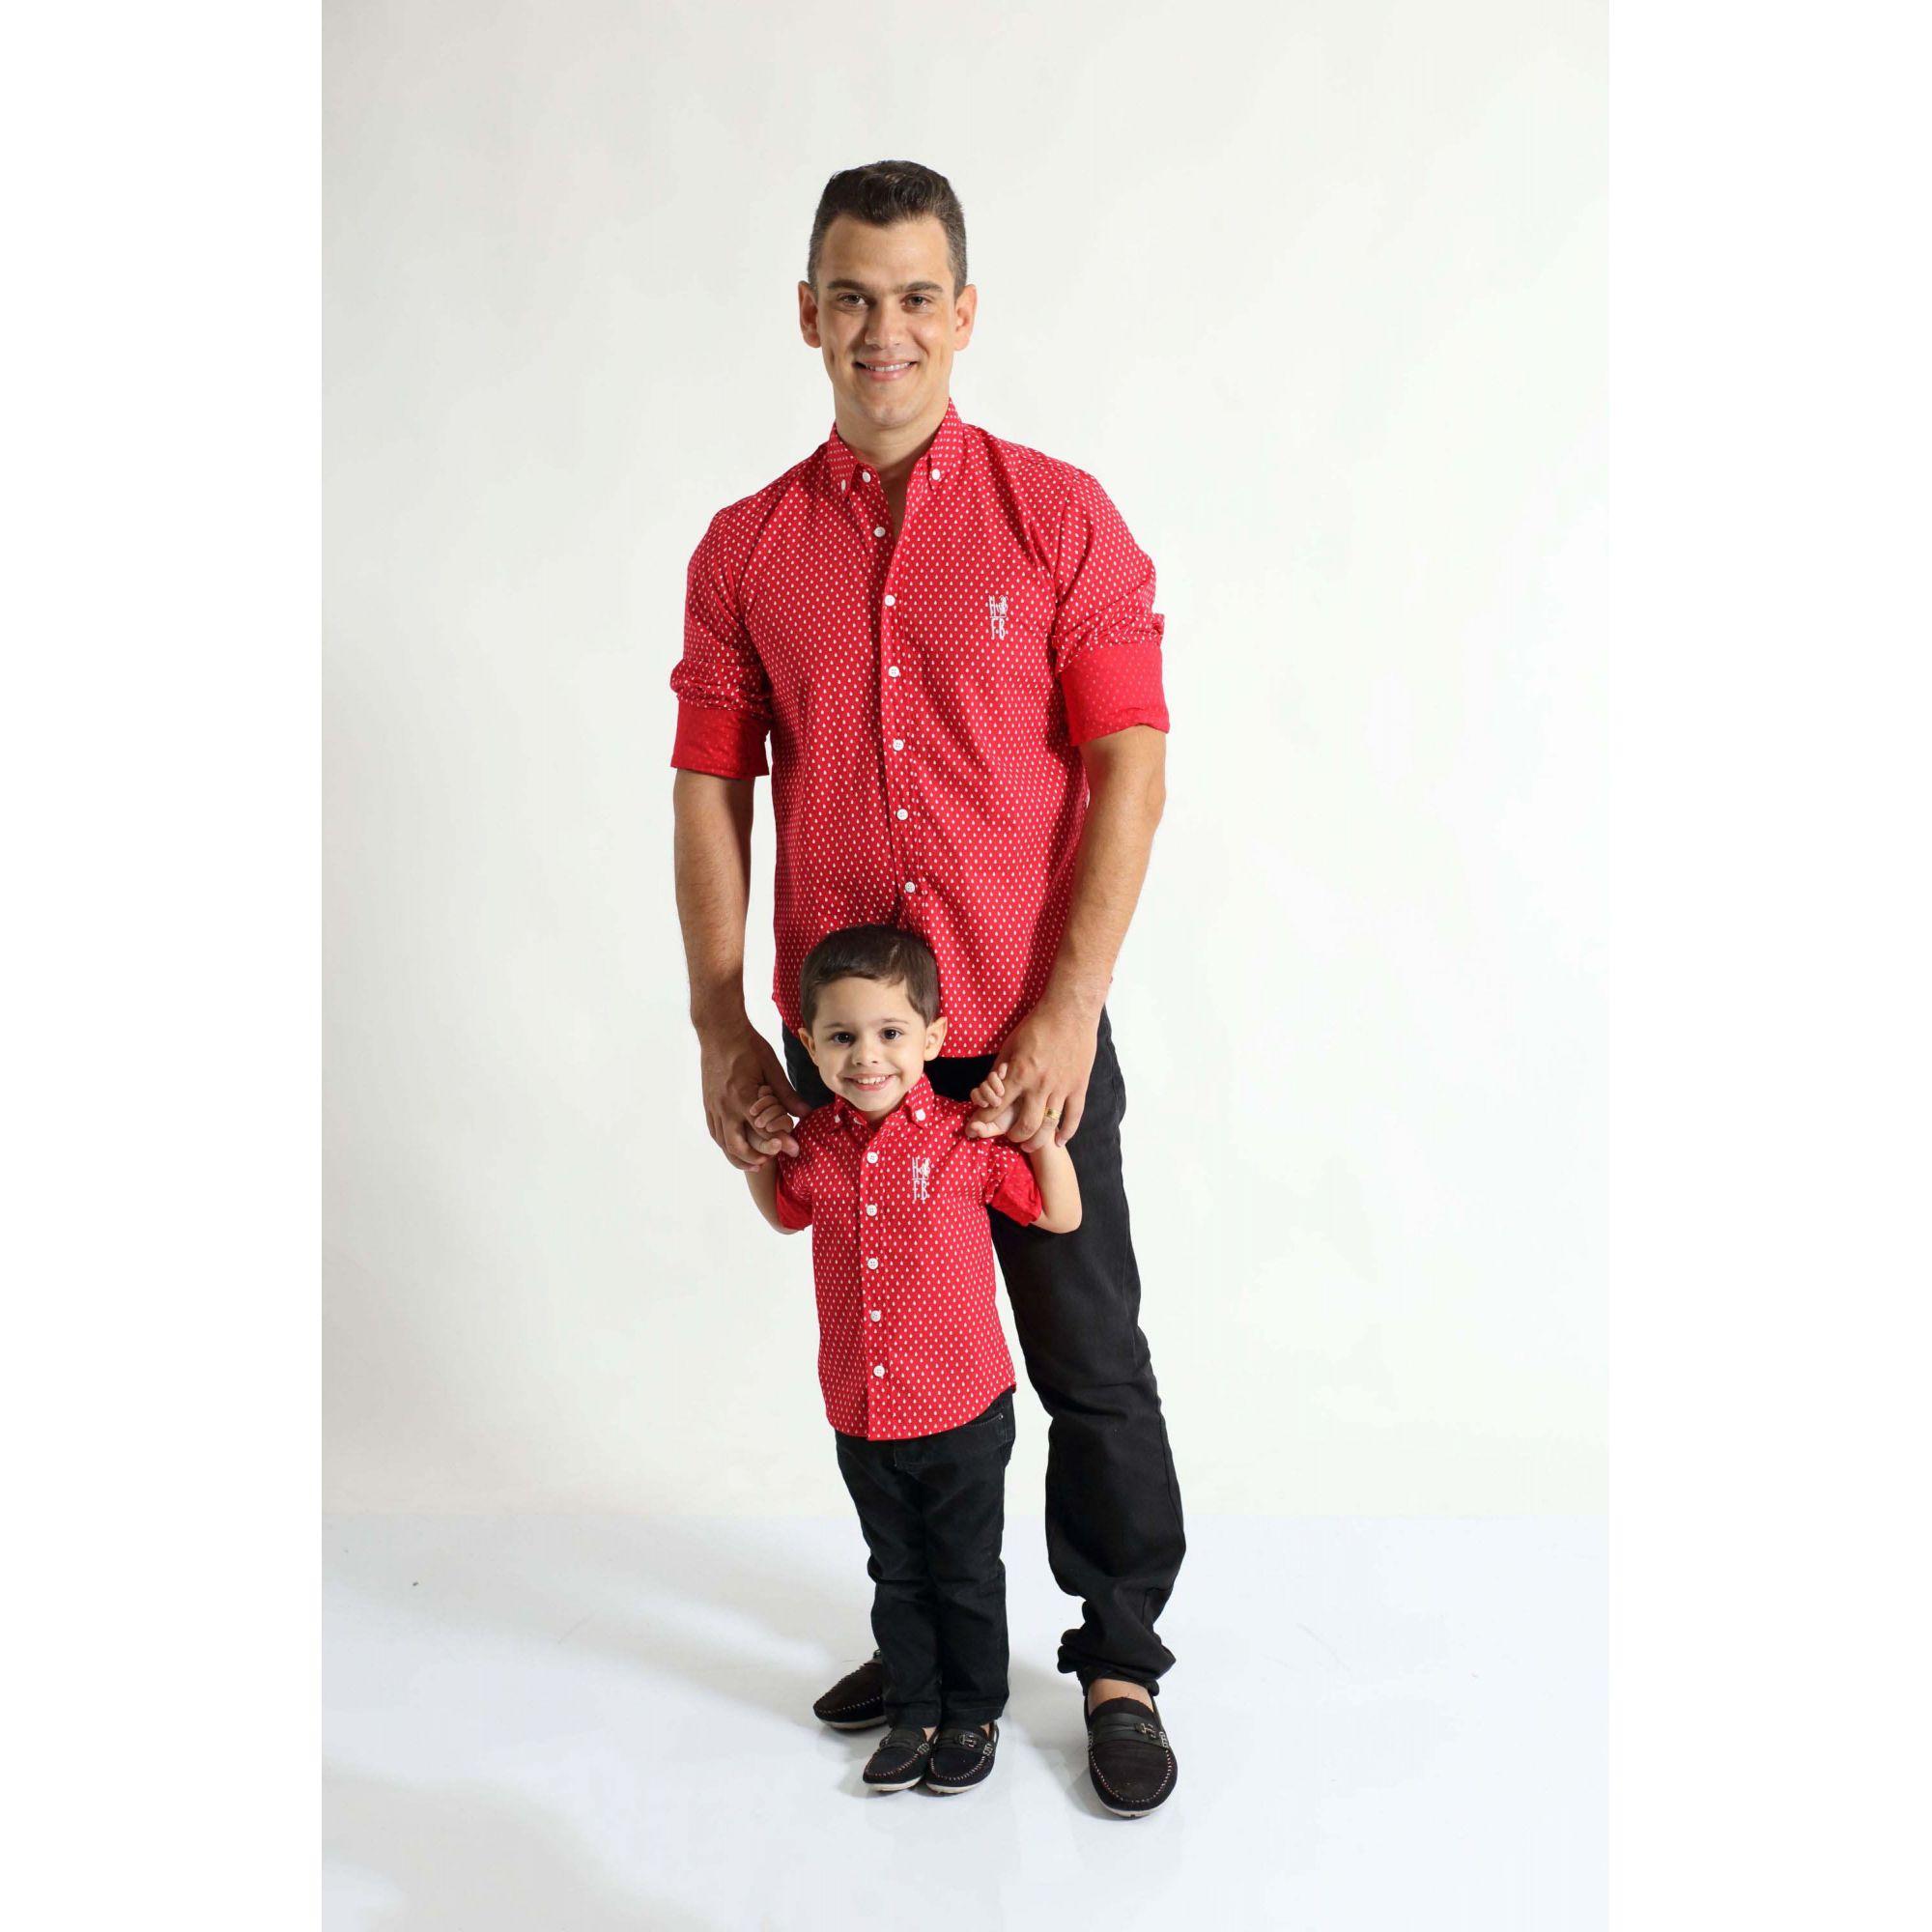 PAI E FILHO > Camisas Social Merry Christmas Vermelha [Coleção Tal Pai Tal Filho]